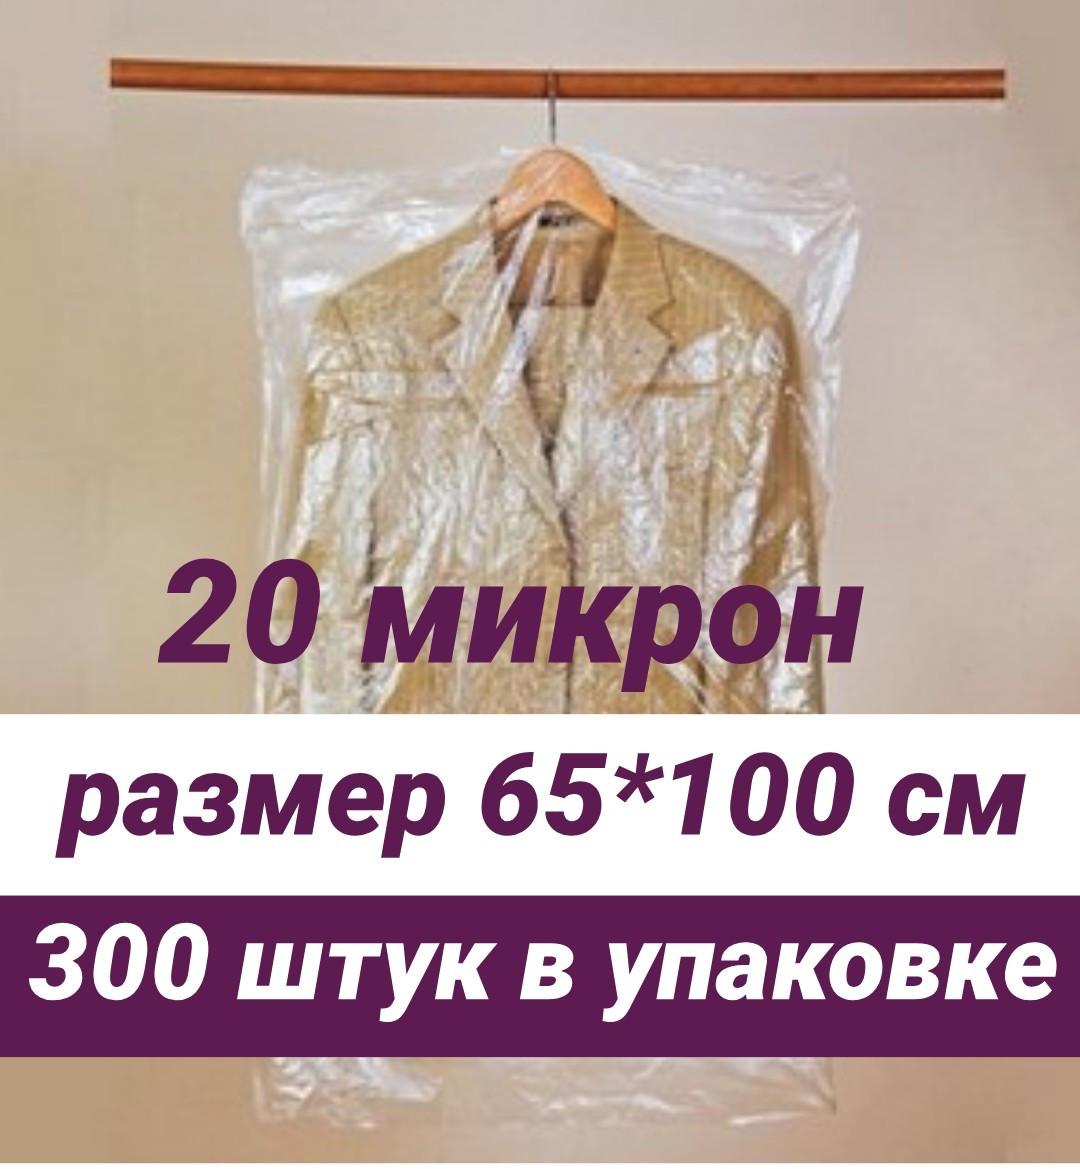 Размер 65*100 см, 300 шт в упаковке.Чехлы для одежды полиэтиленовые, толщина 20 микрон